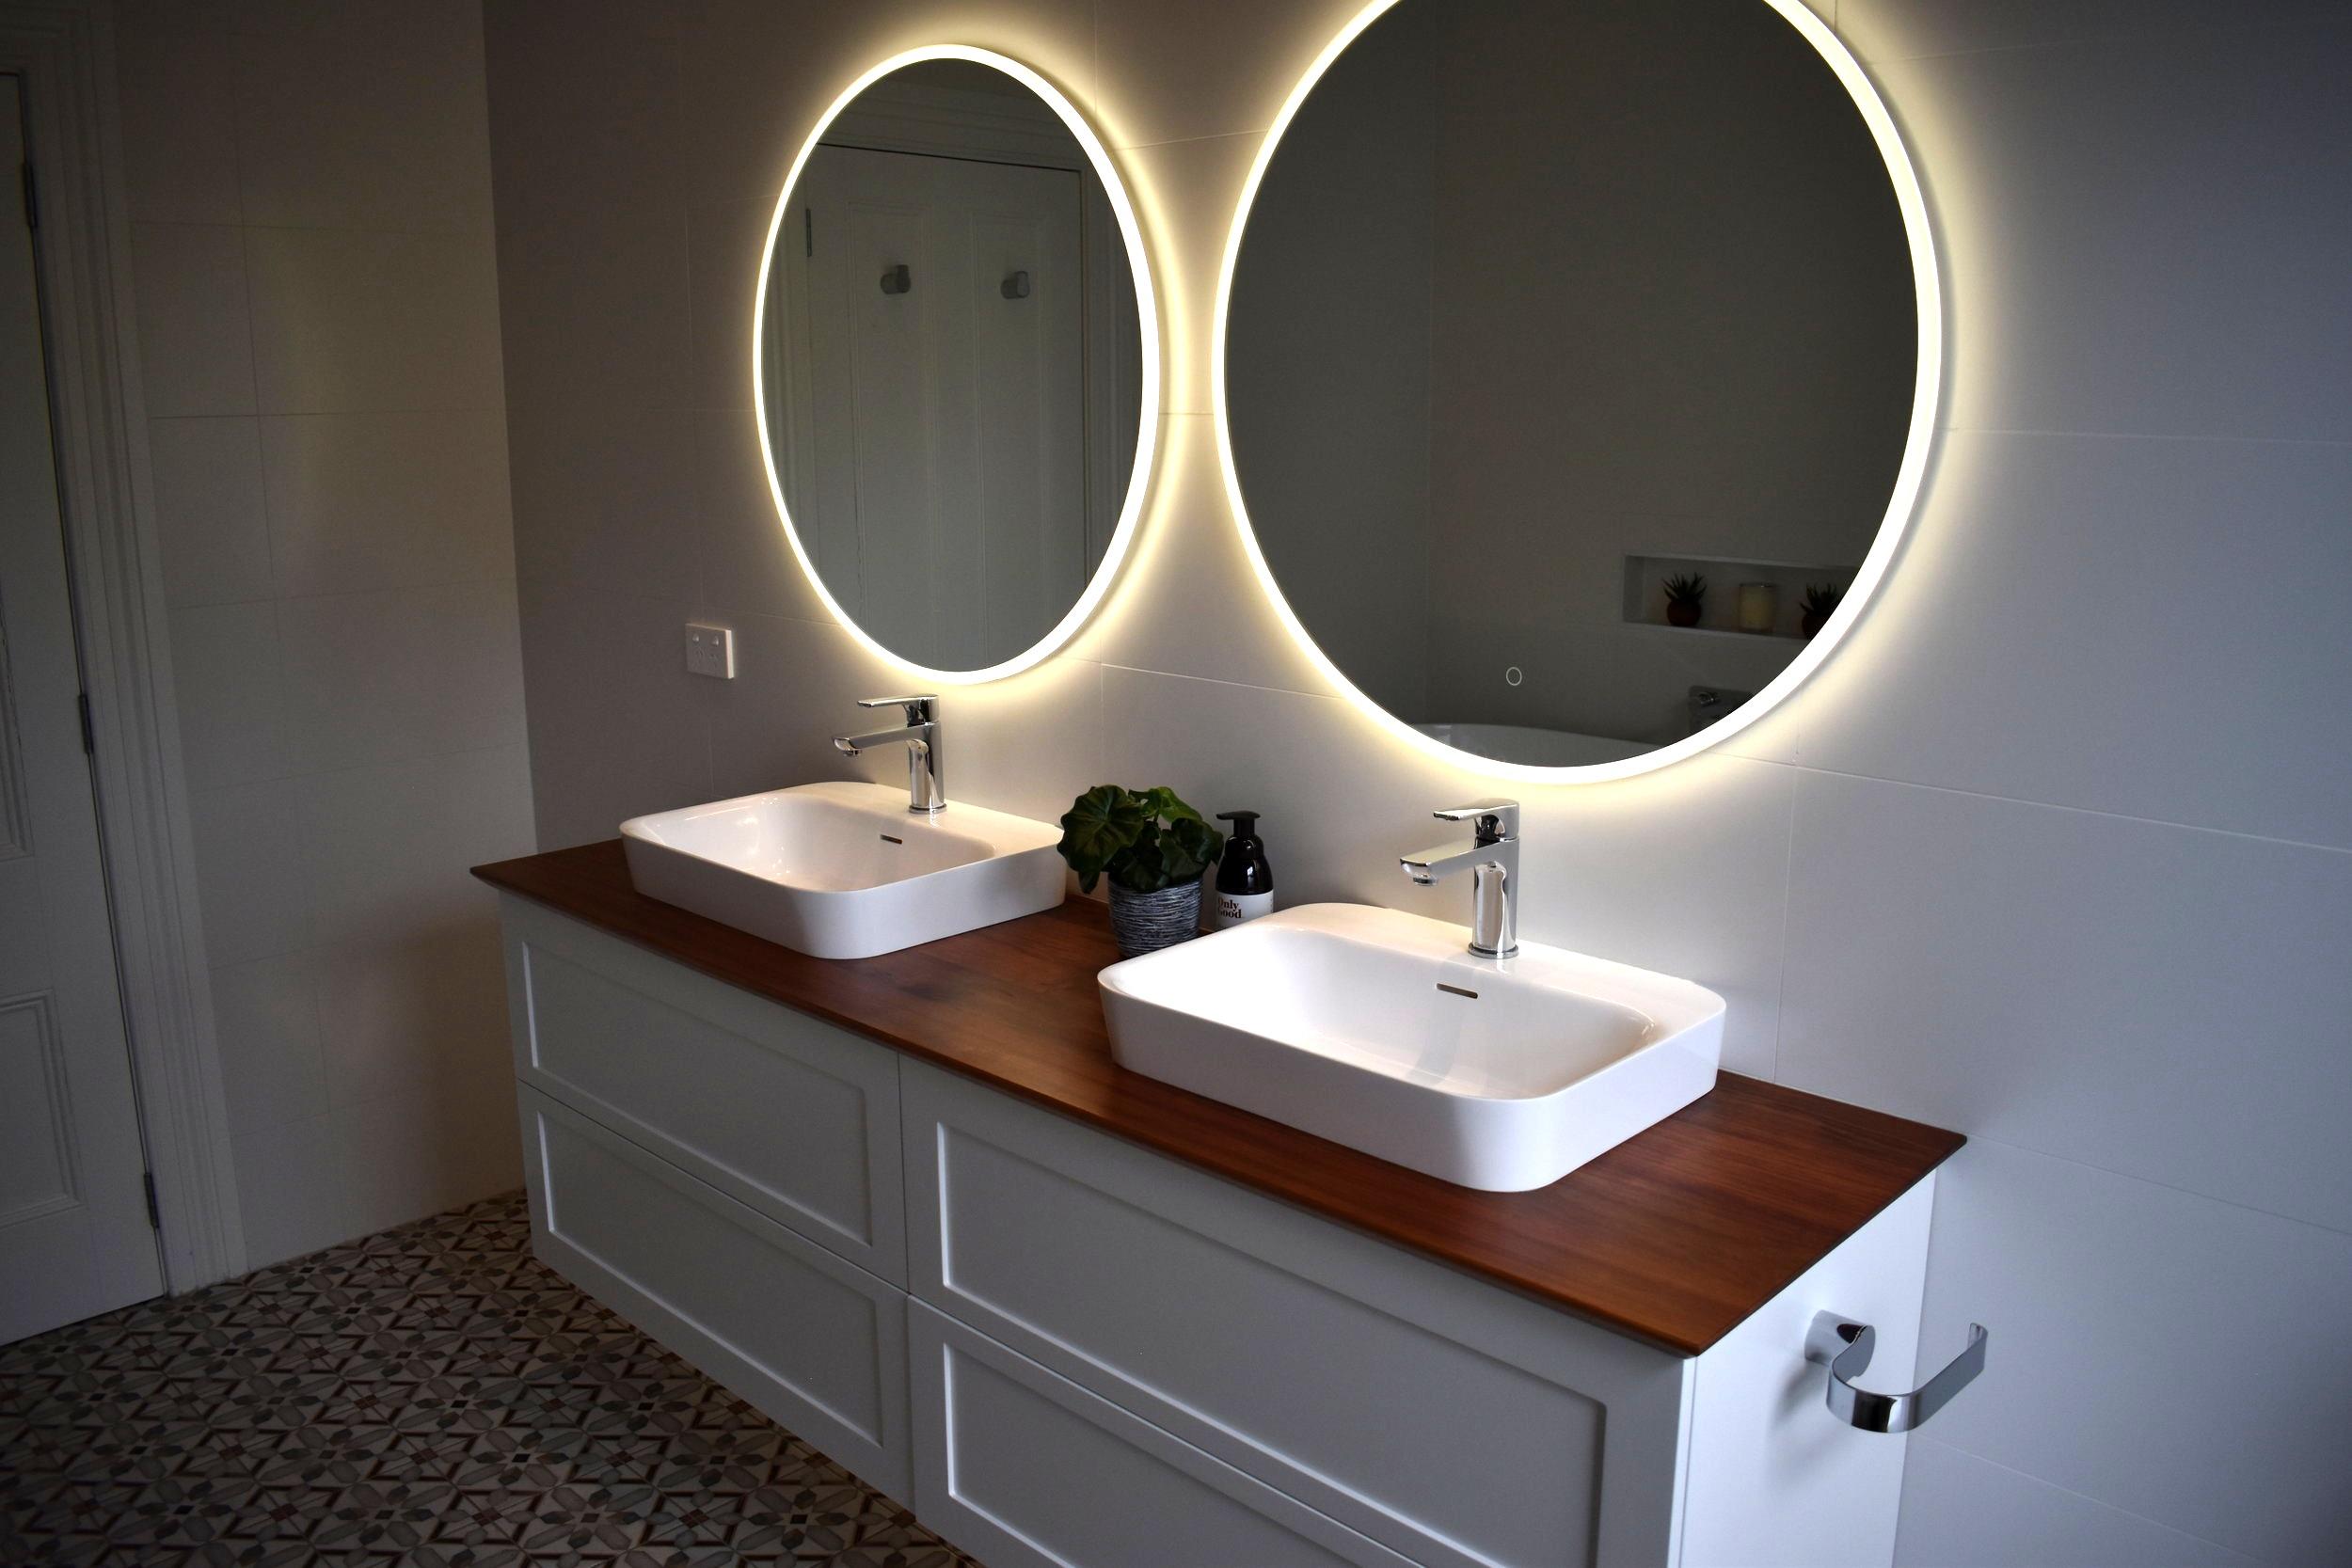 tongariro-family-bathroom-vanity.jpg